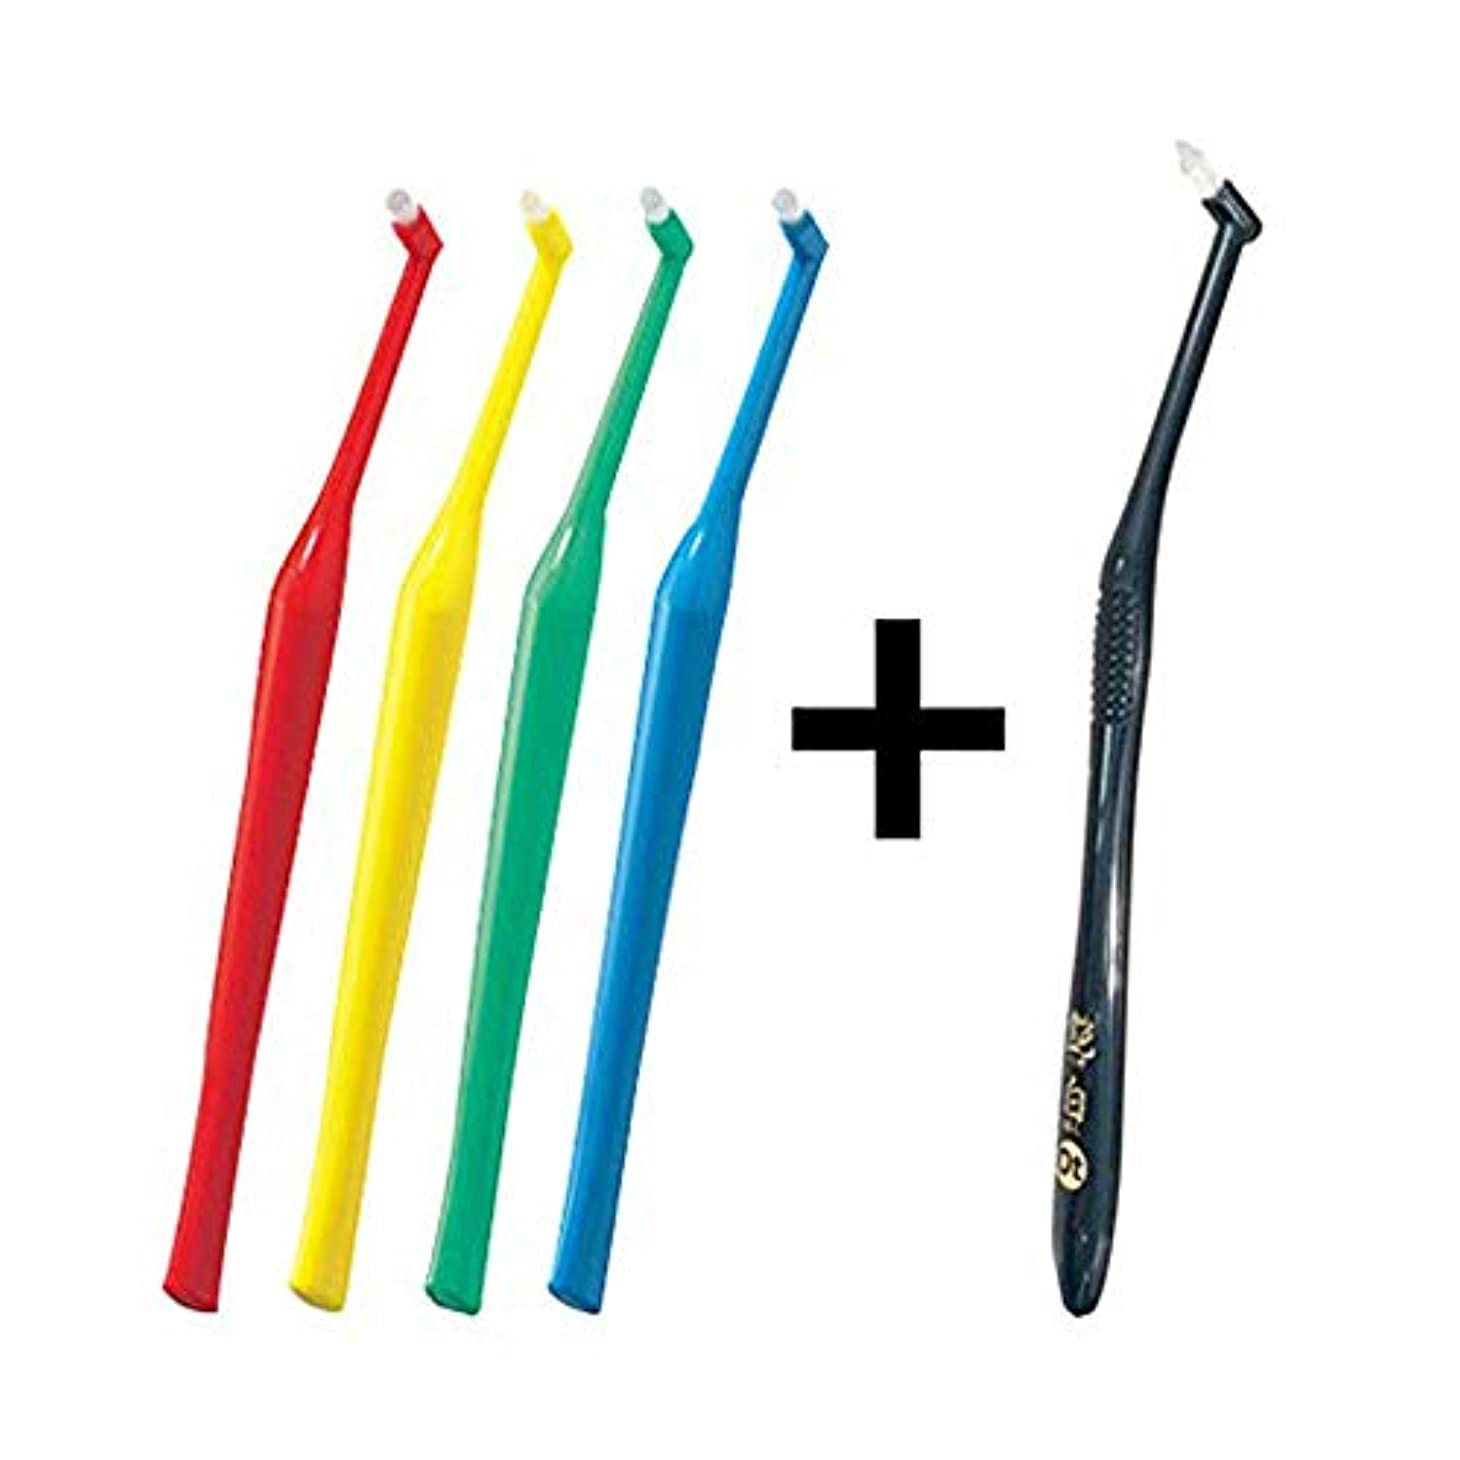 立場モニター退屈なプラウト Plaut × 4本 アソート (S(ソフト))+艶白ワンタフト 歯ブラシ 1本 SS(とてもやわらかめ)